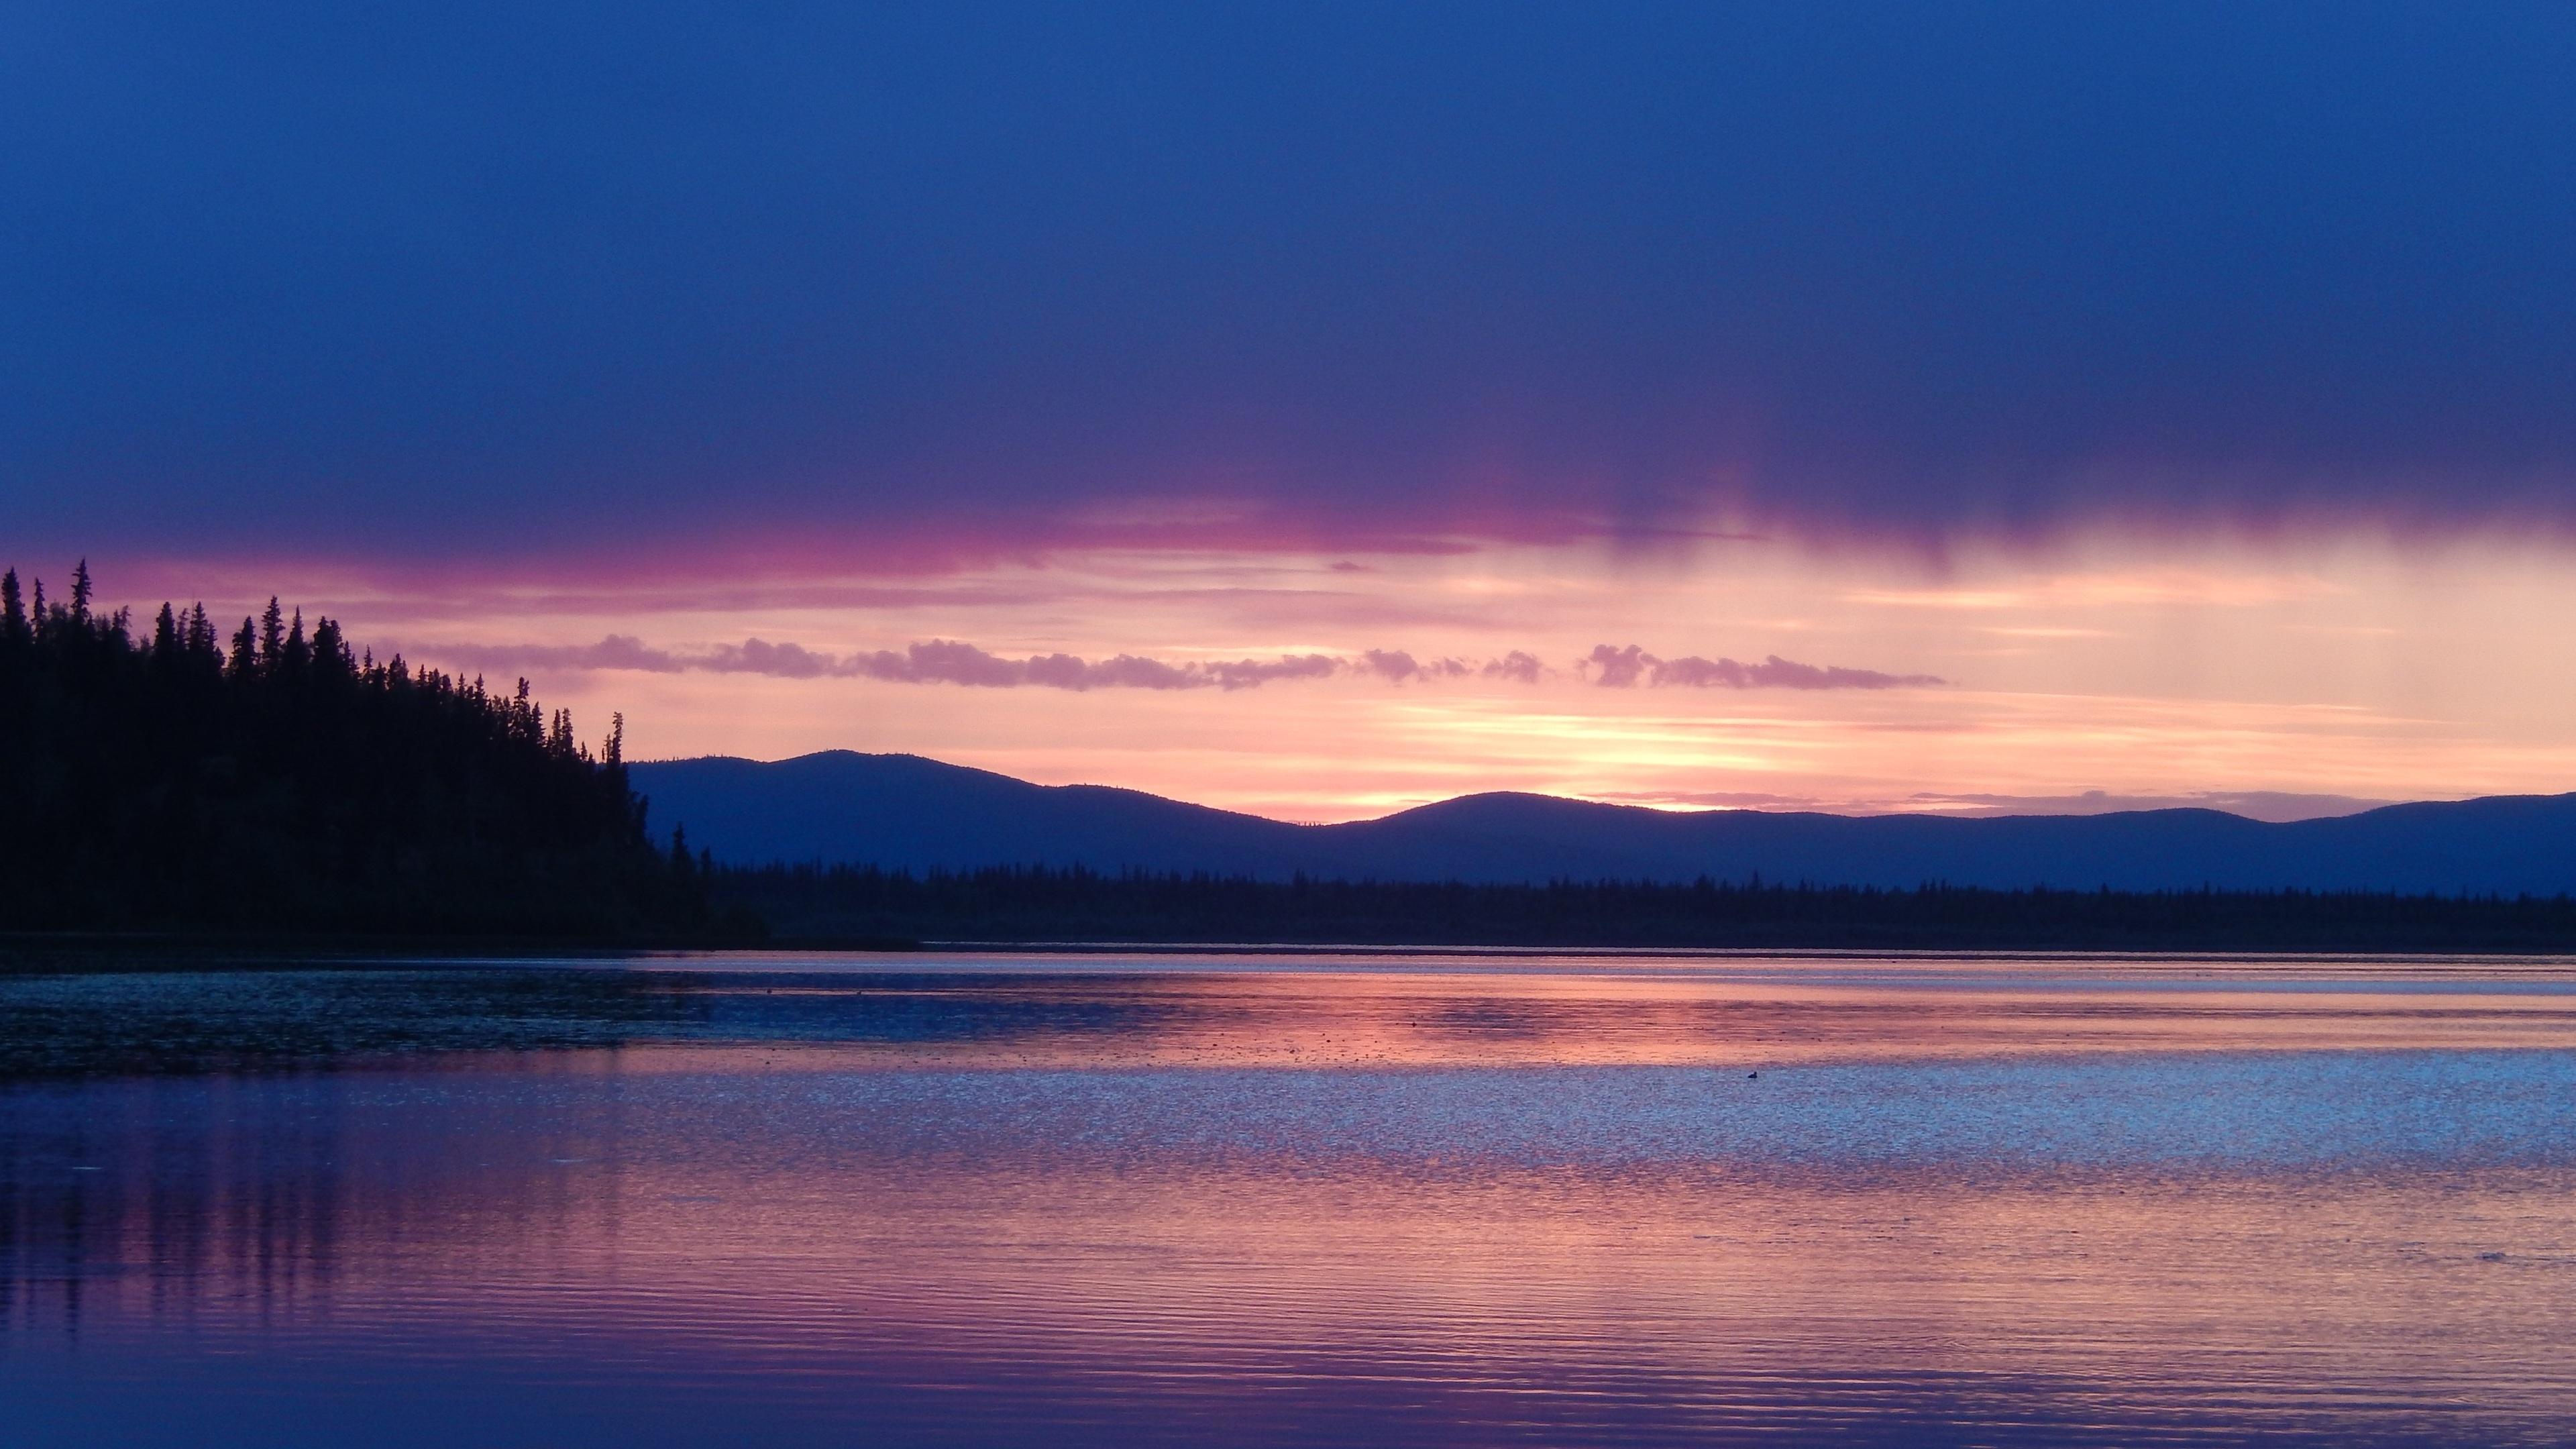 sunset dawn lake reflection alaska denali 4k 1540135447 - Sunset Dawn Lake Reflection Alaska Denali 4k - sunset wallpapers, reflection wallpapers, nature wallpapers, lake wallpapers, hd-wallpapers, dawn wallpapers, 5k wallpapers, 4k-wallpapers